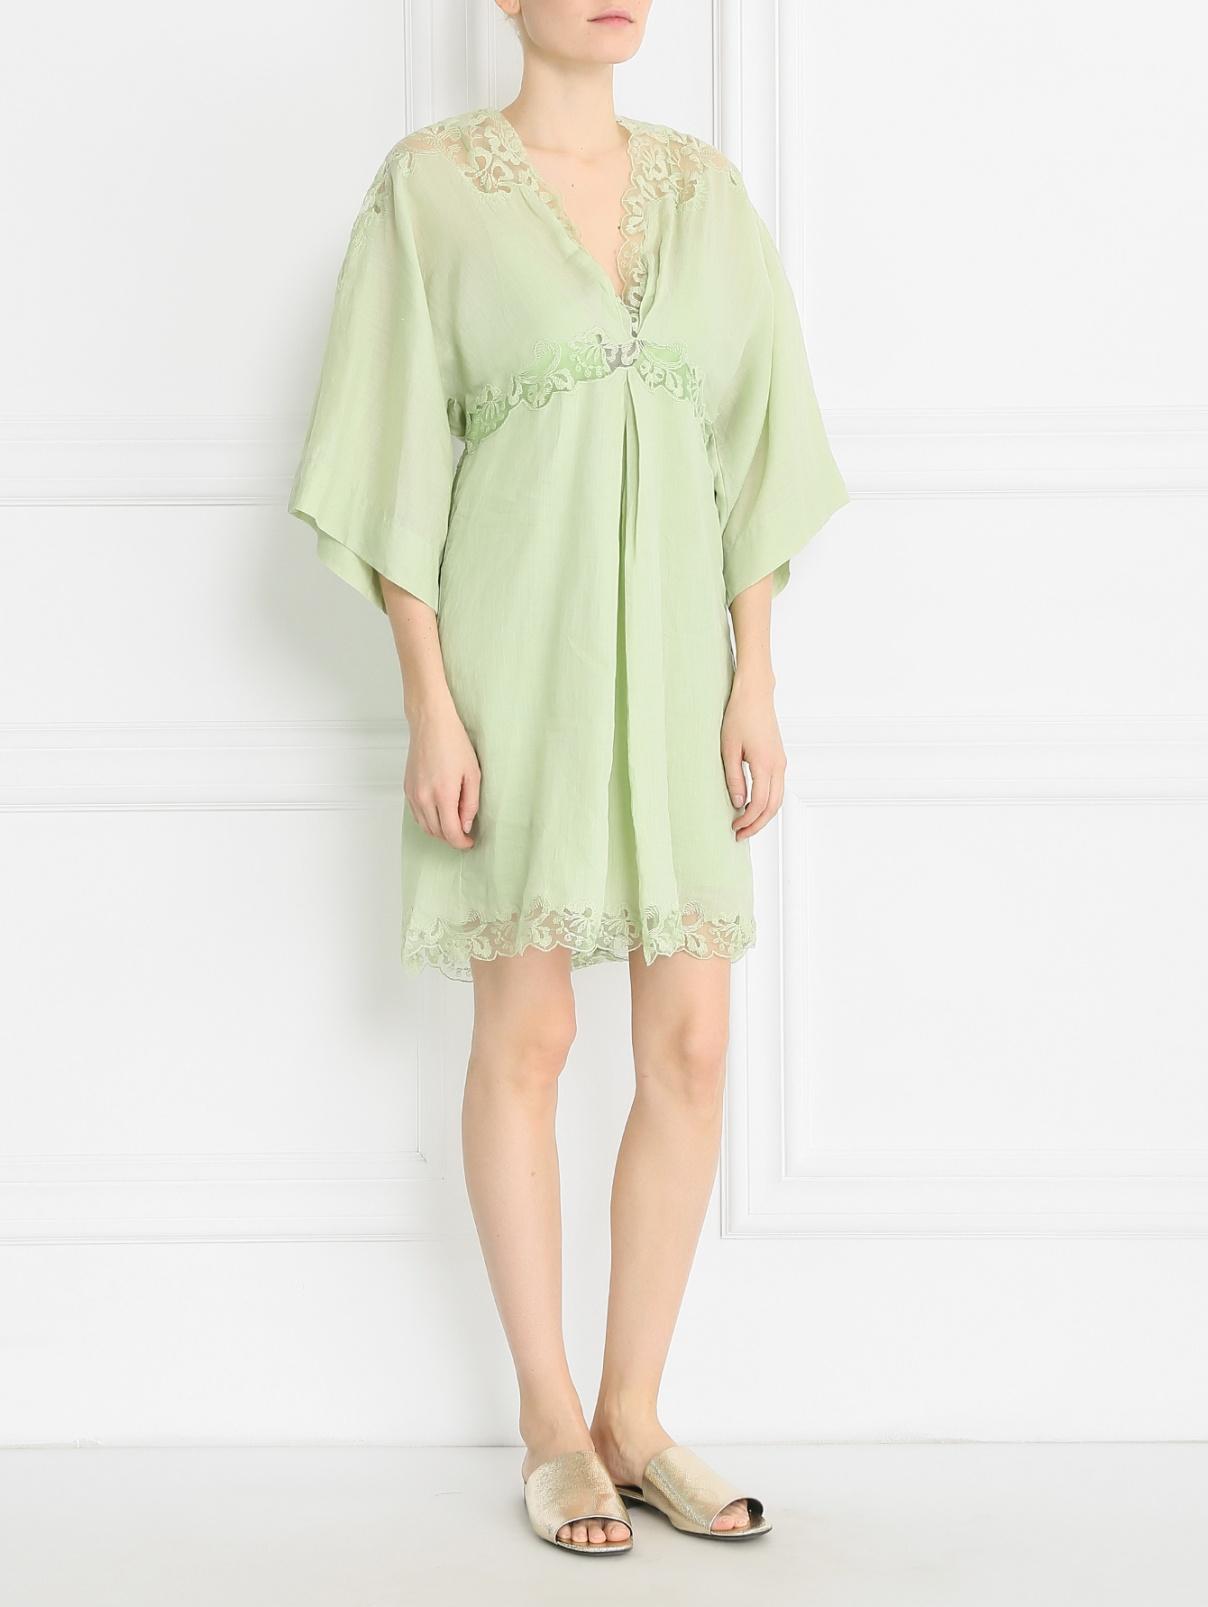 Платье из рами свободного кроя Ermanno Scervino  –  Модель Общий вид  – Цвет:  Зеленый